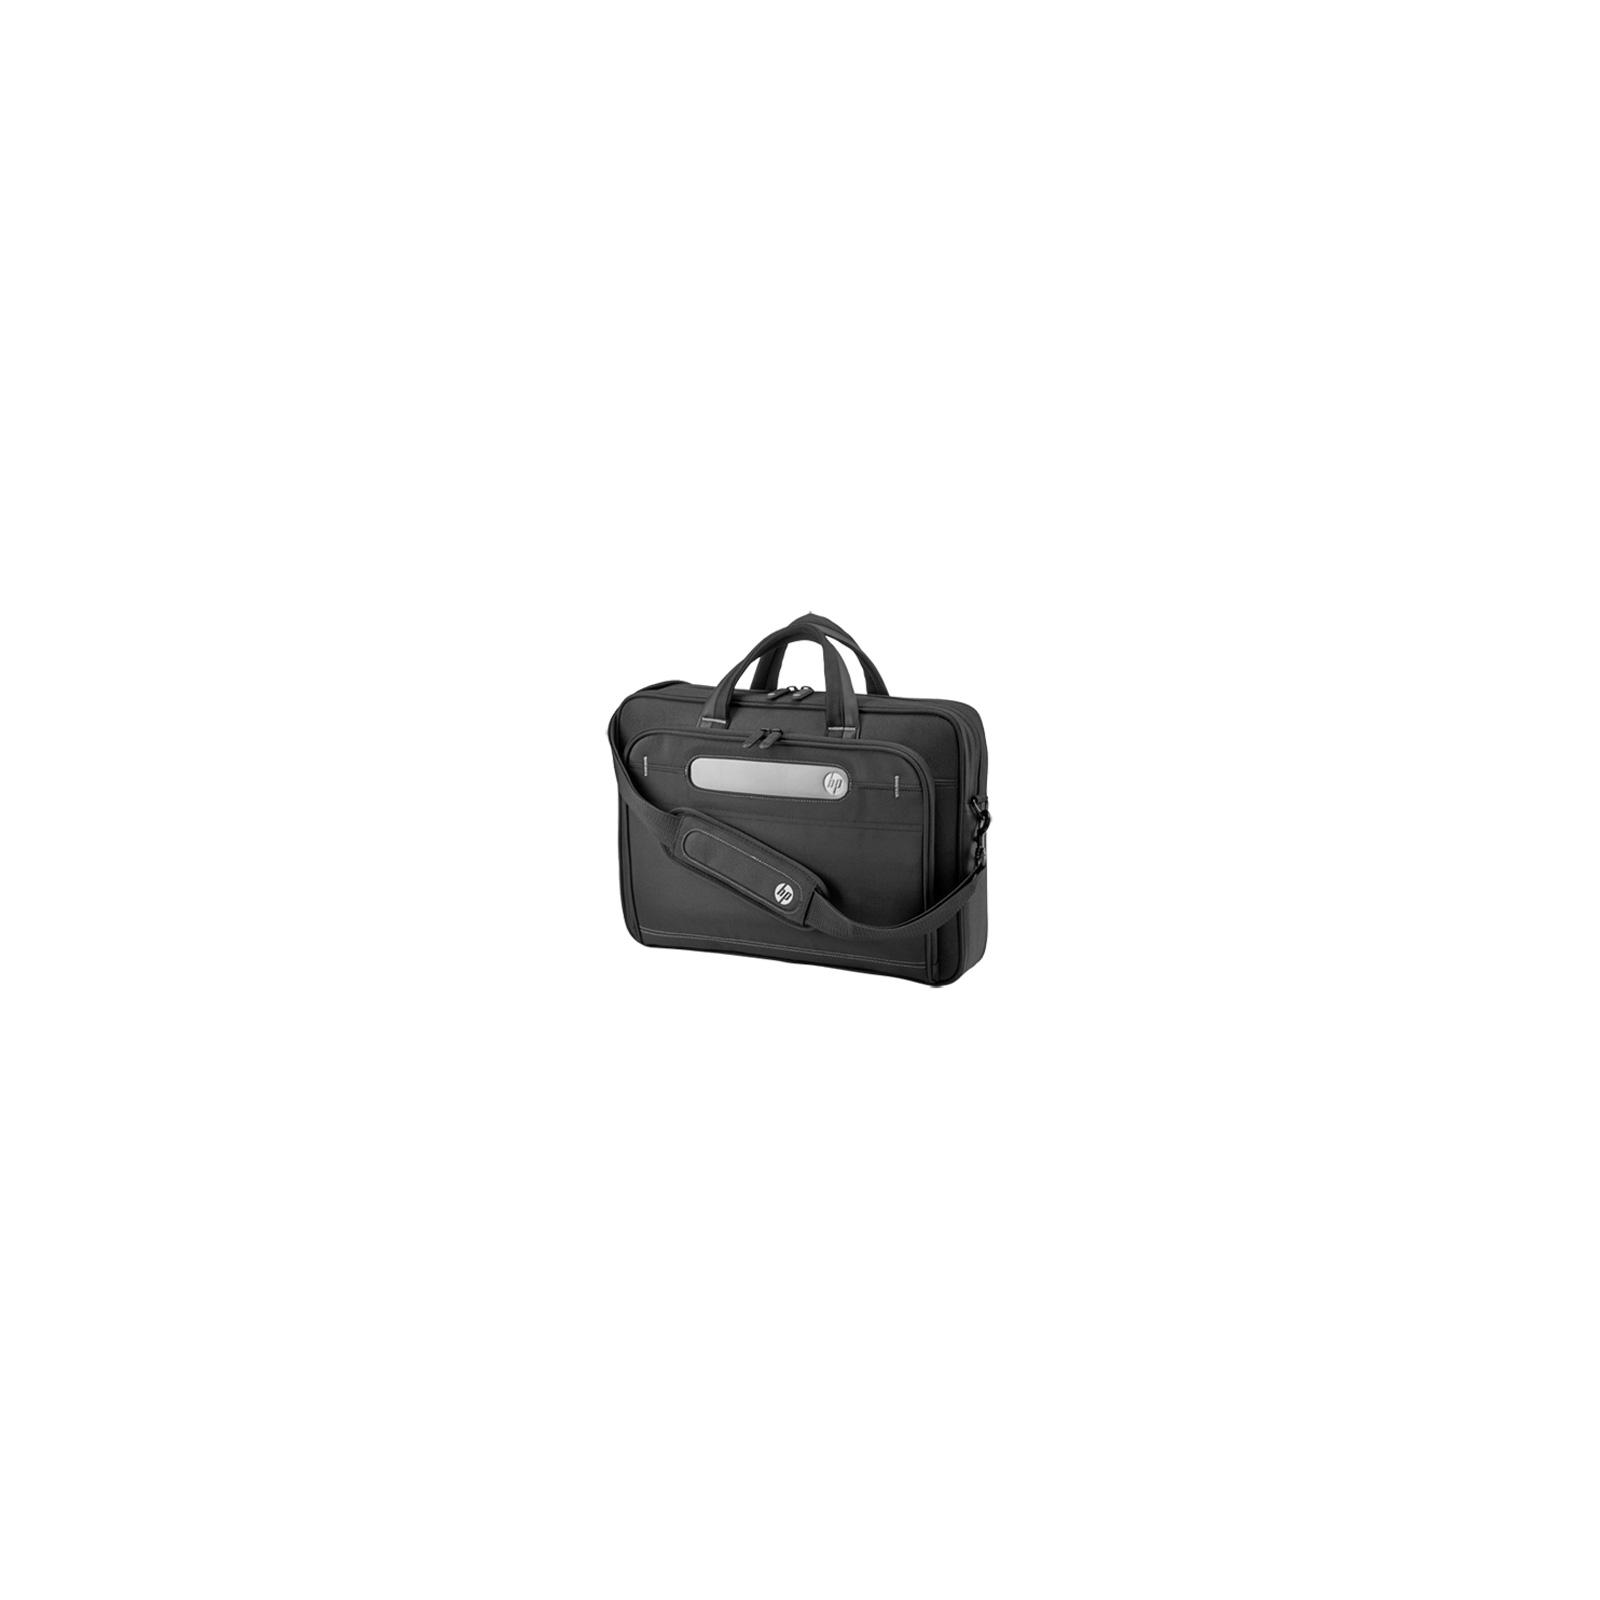 Сумка для ноутбука HP 15.6 Business Top Load Case (H5M92AA)